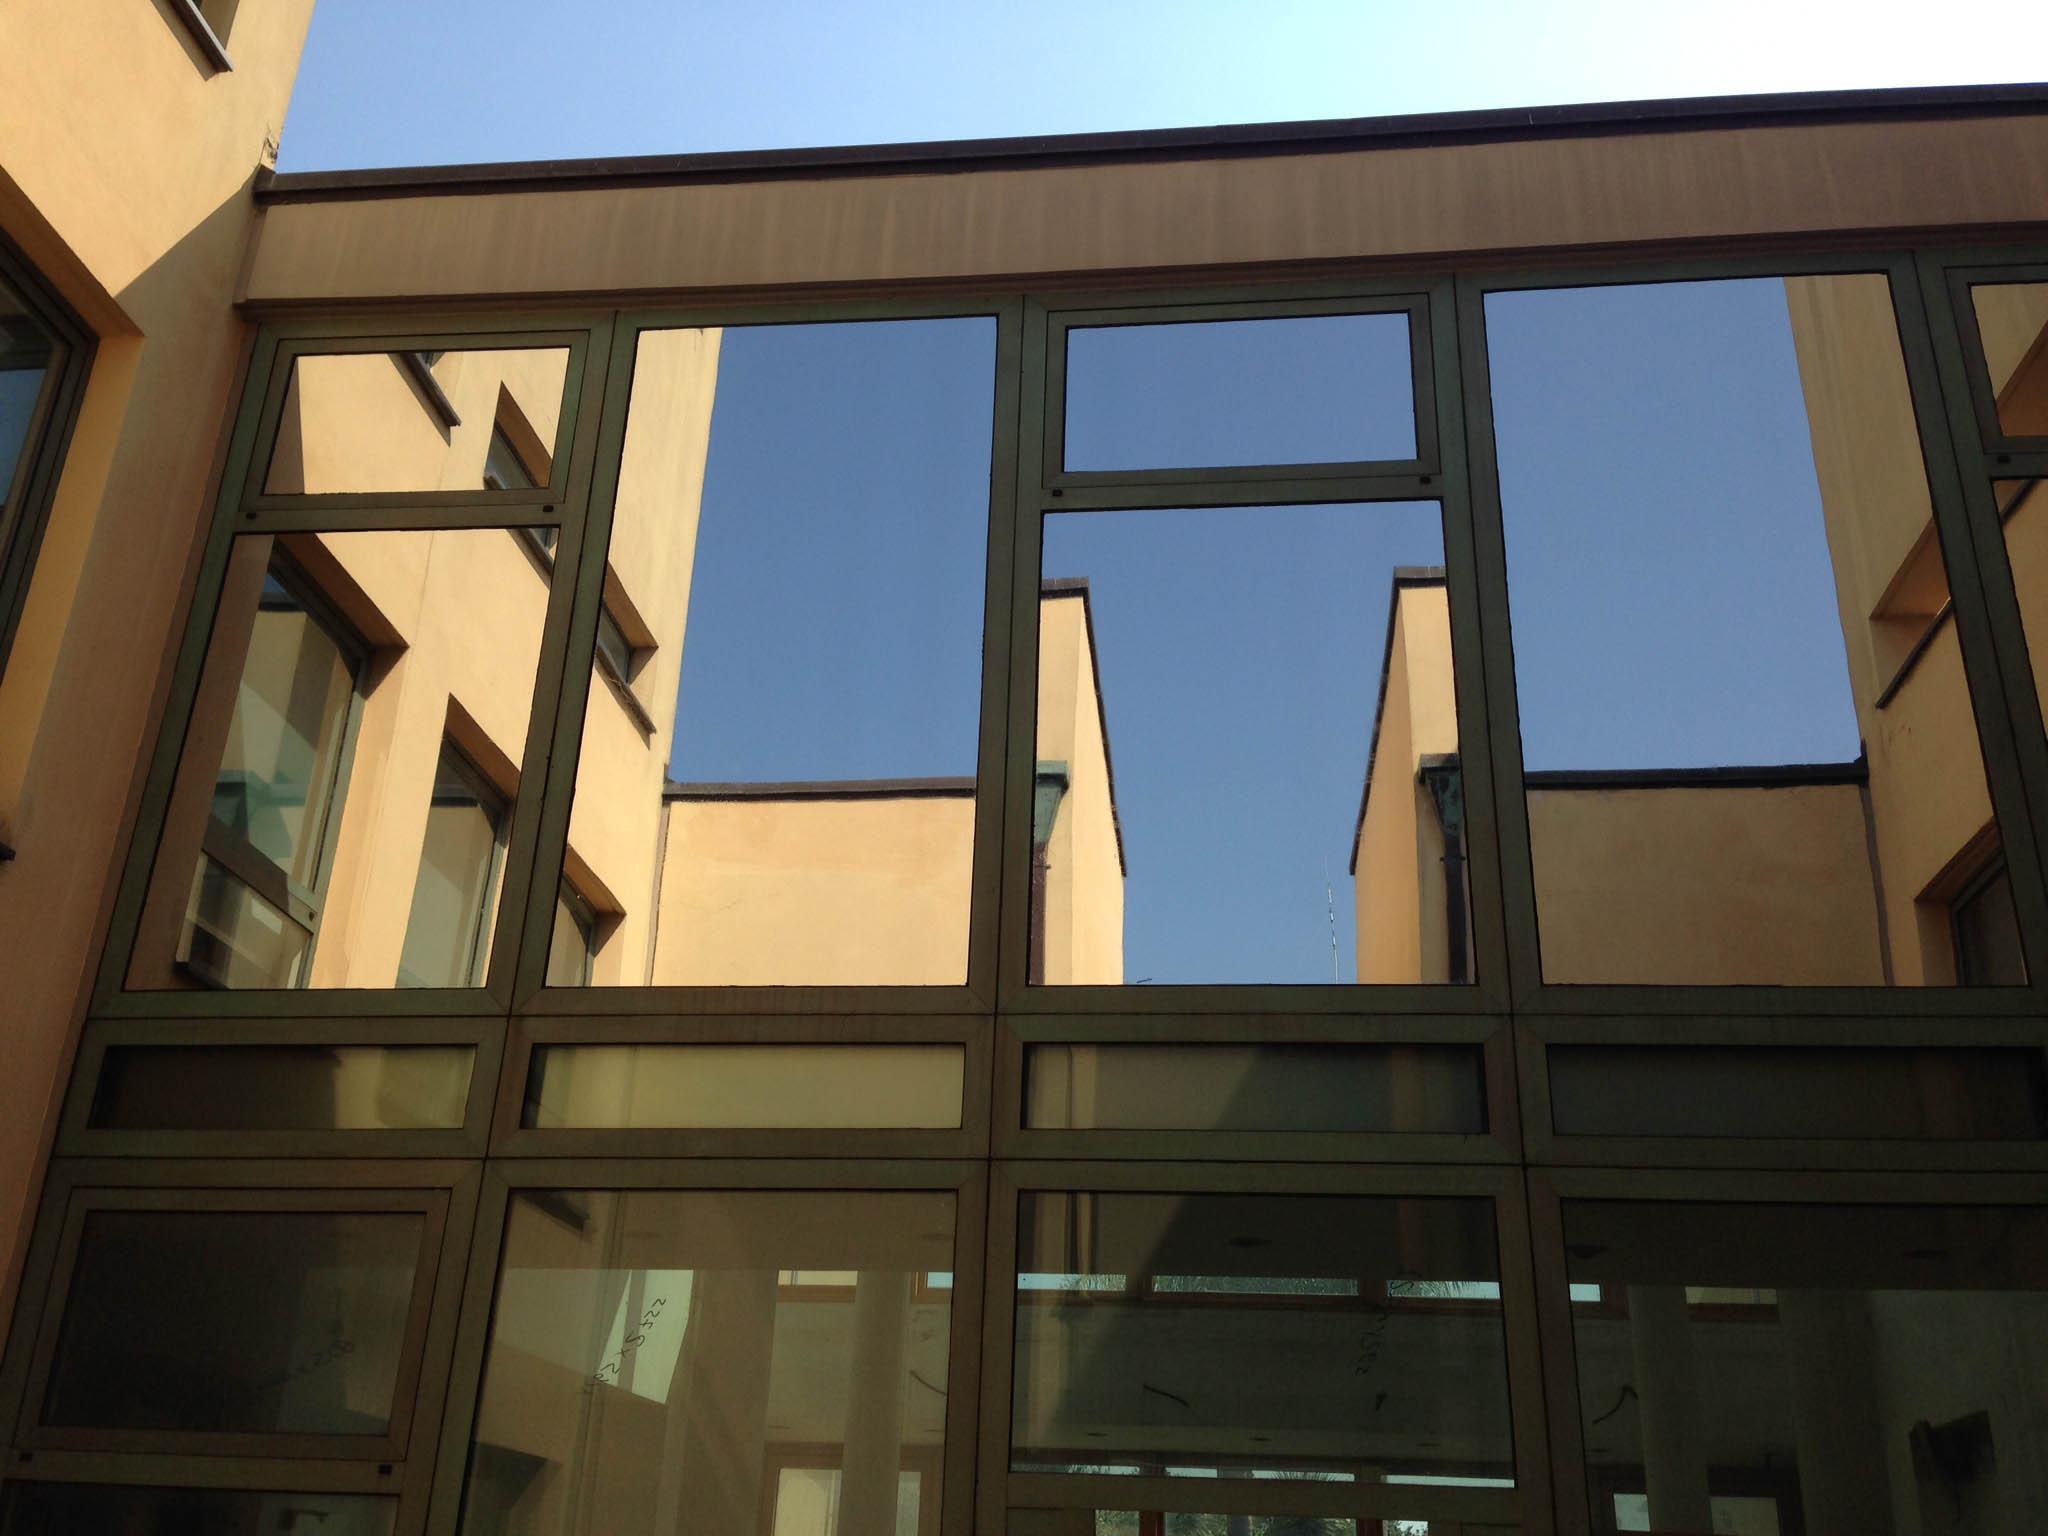 Pellicole a controllo solare per vetri l ultima - Specchi riflettenti luce solare ...